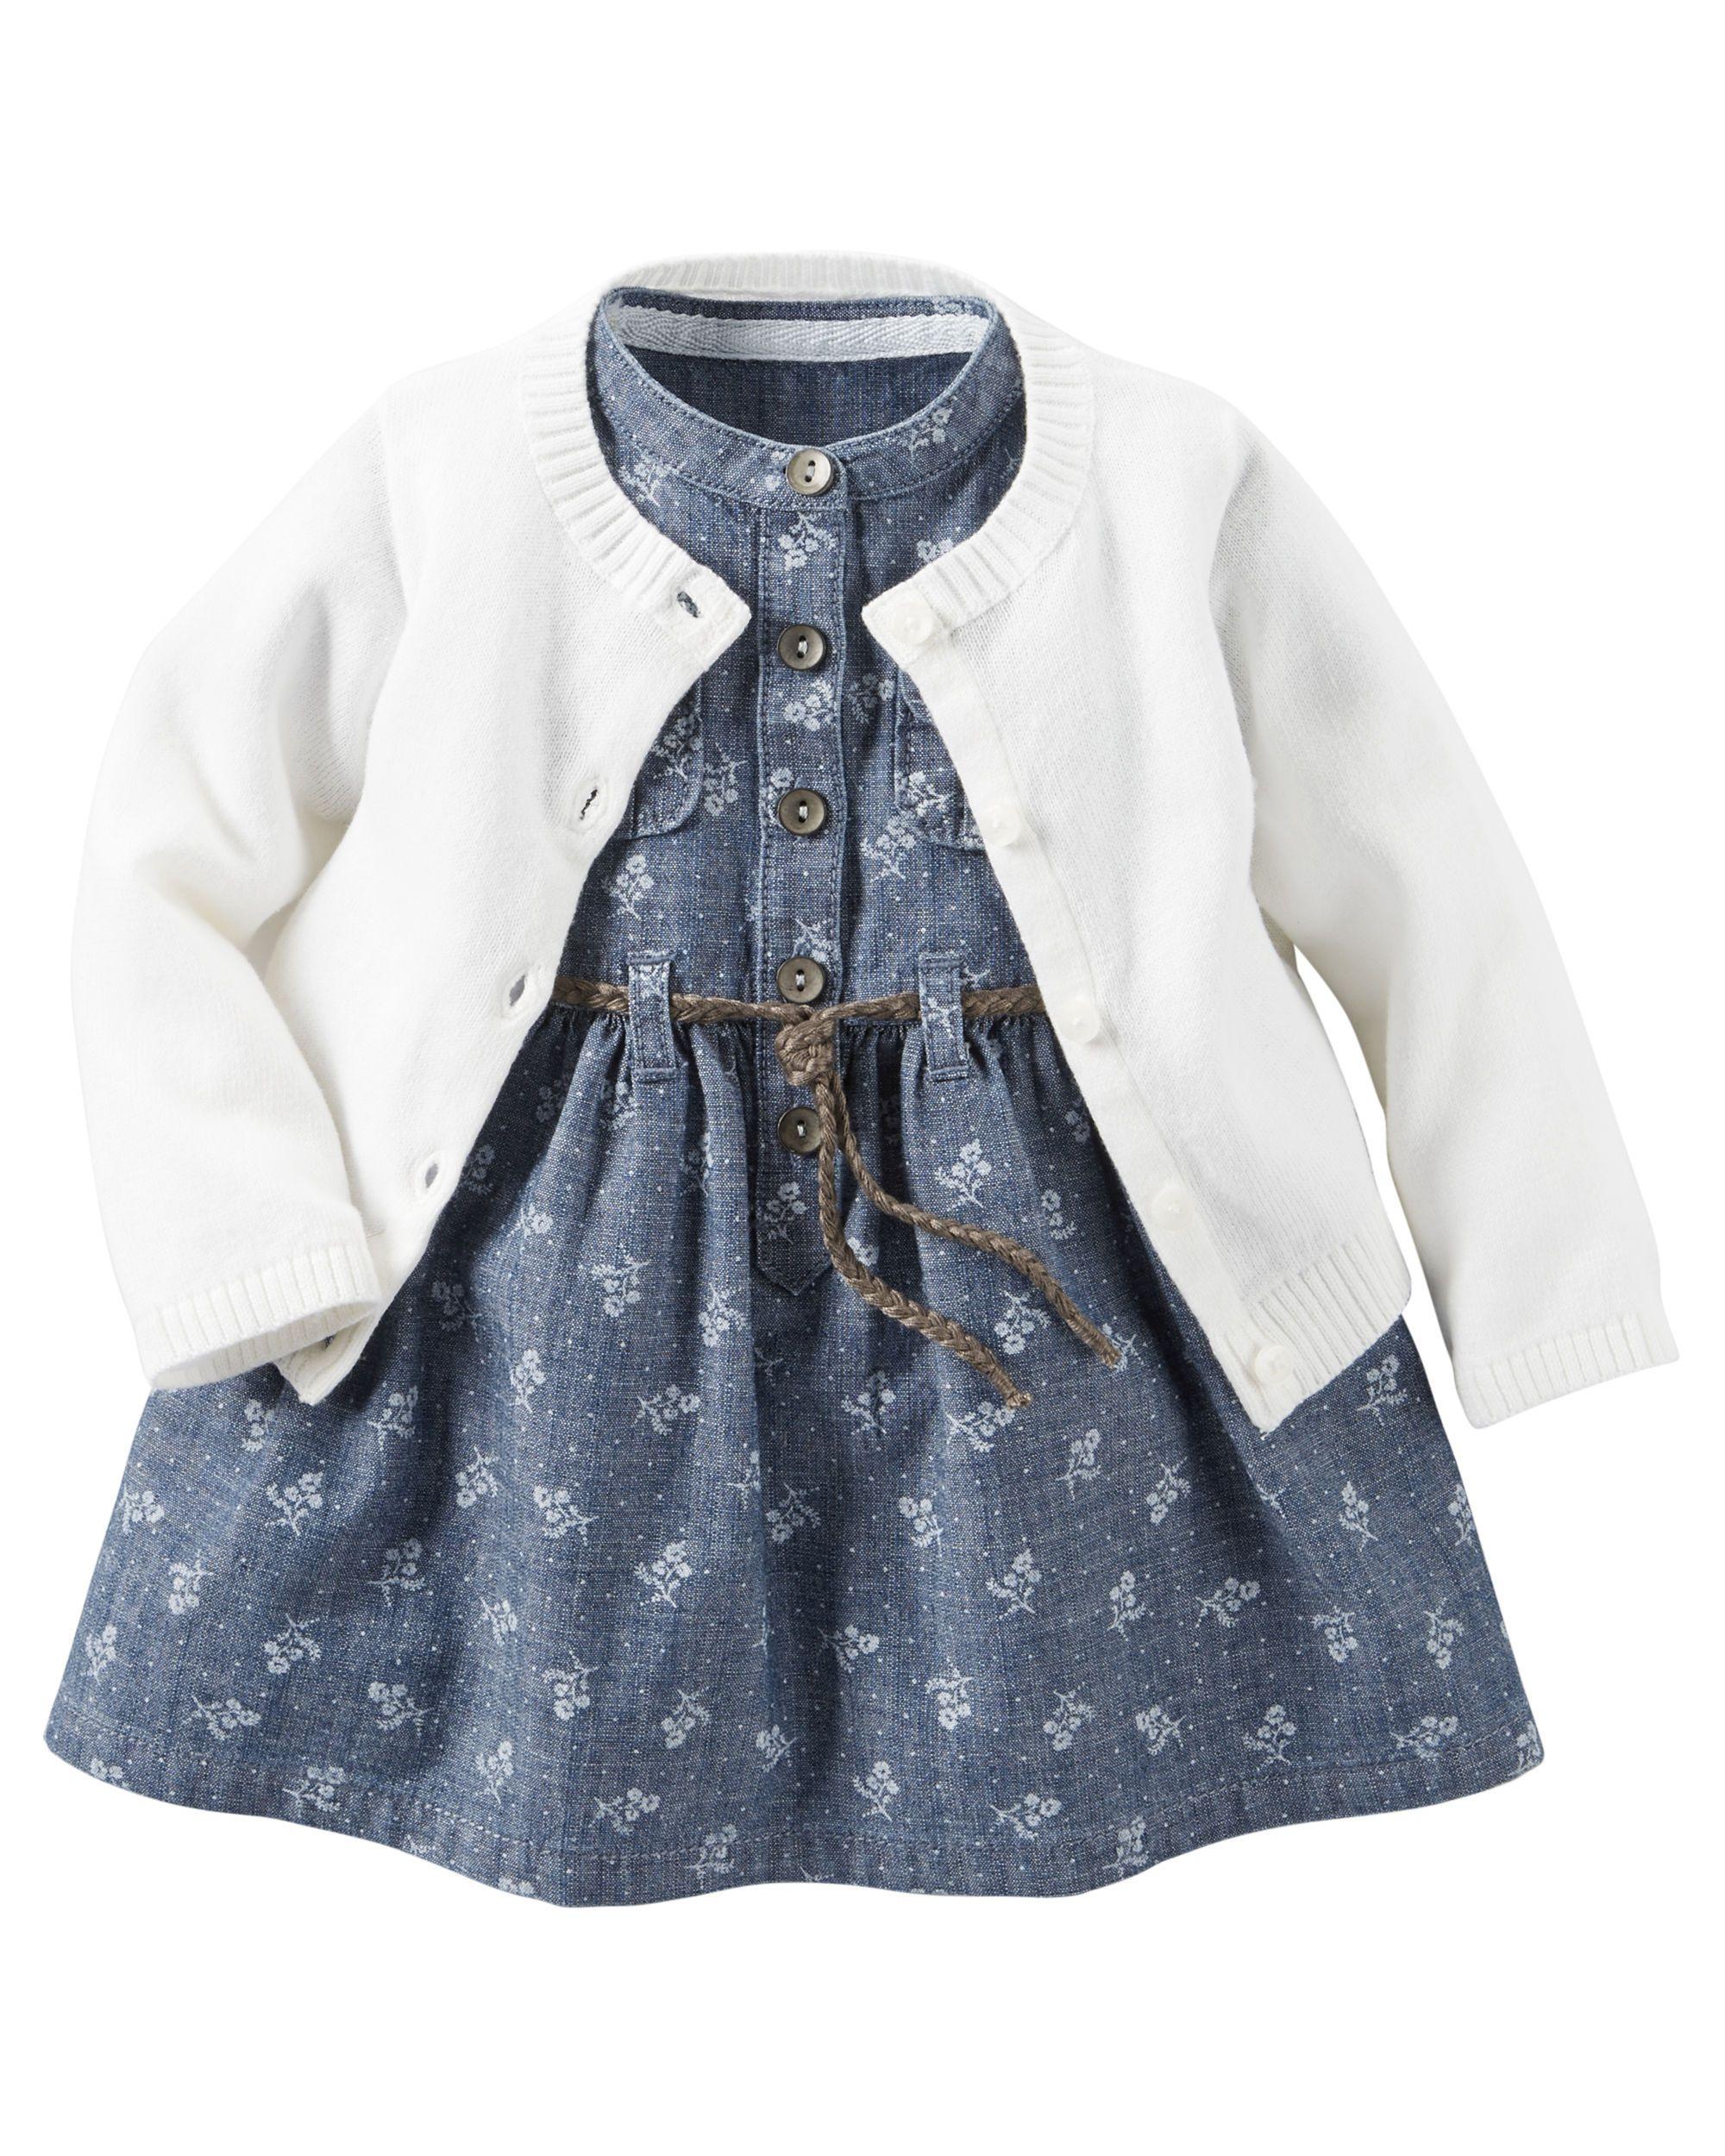 2 Piece Chambray Dress & Sweater Set